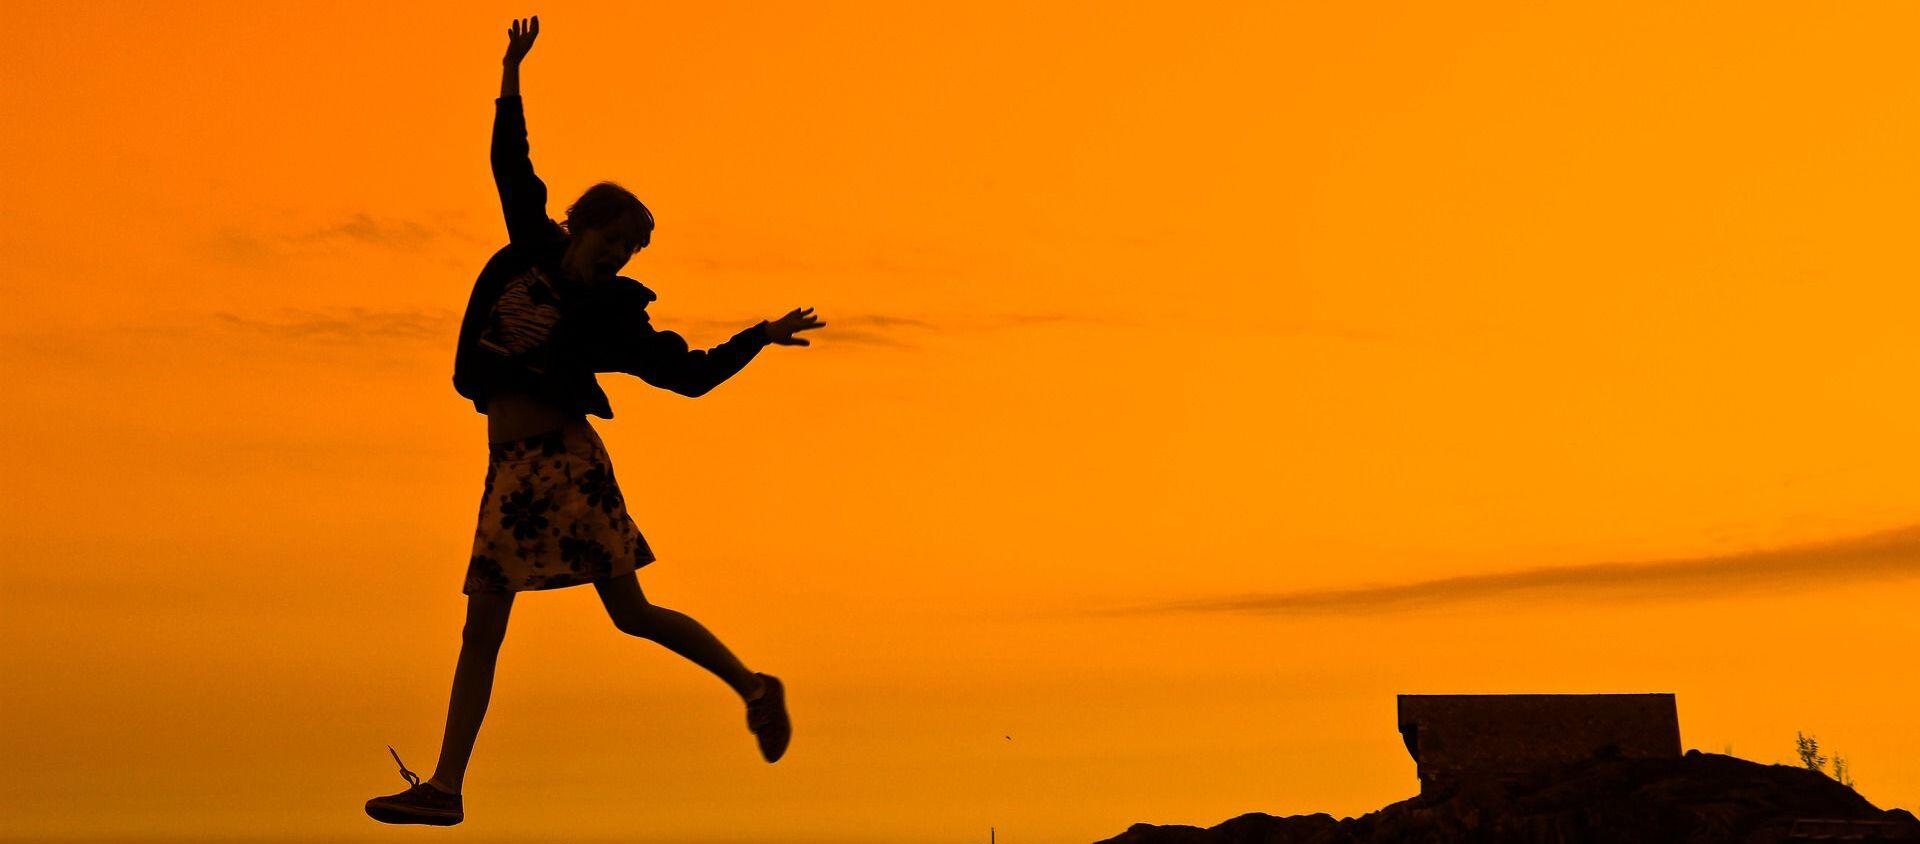 ქალი მეწამულ ფონზე  - Sputnik საქართველო, 1920, 03.01.2020